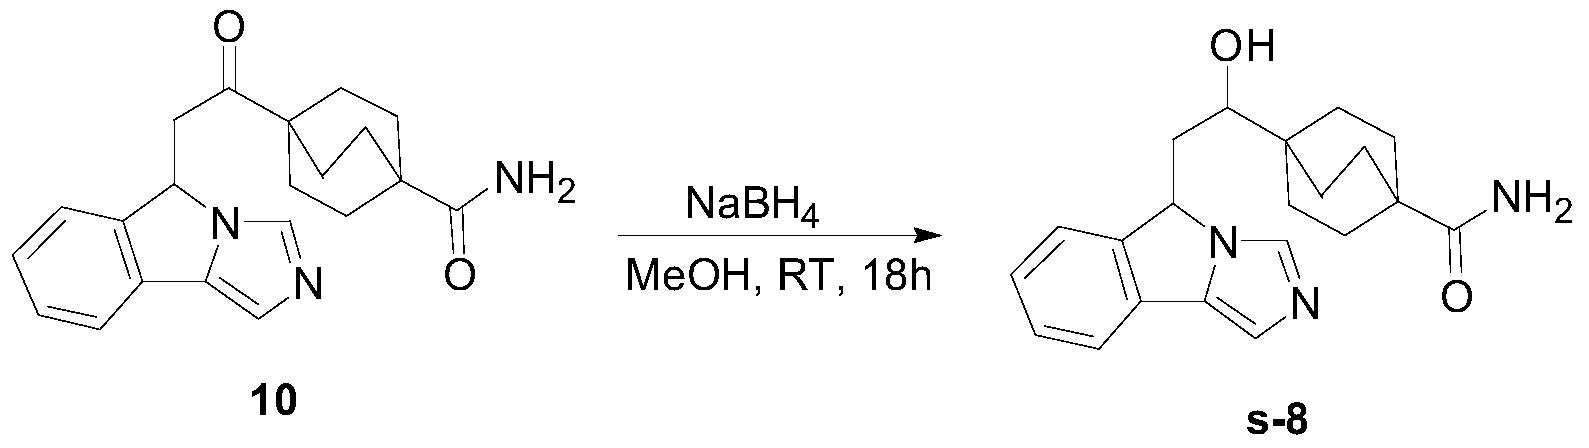 Figure PCTCN2017084604-appb-000293